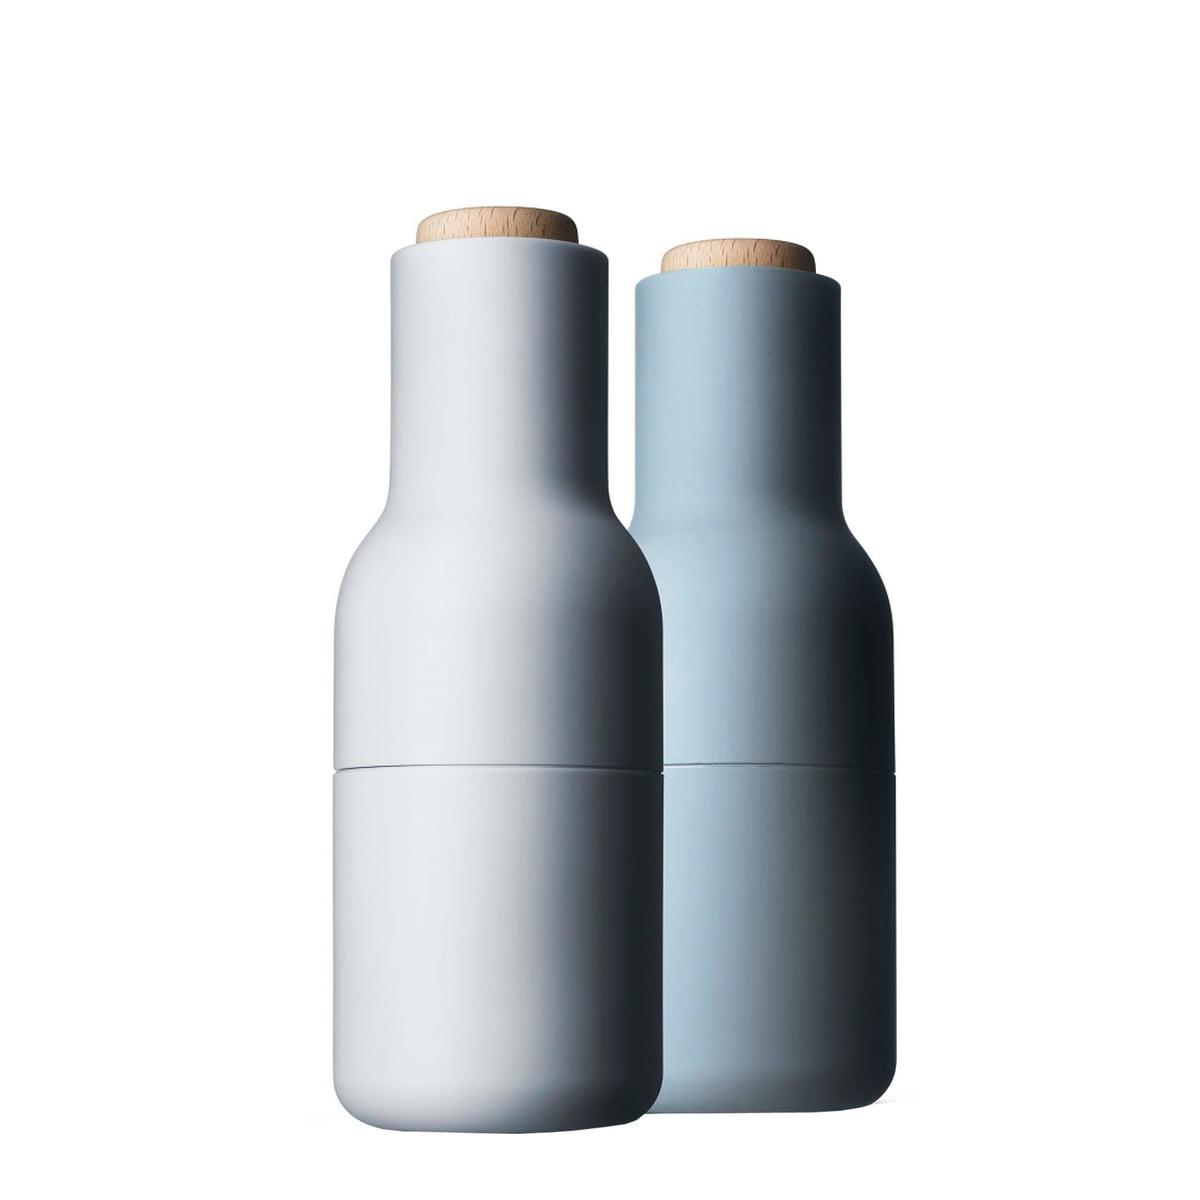 Menu - Ensemble moulin à bottle sel et poivre, bleu clair (couvercle en bois)